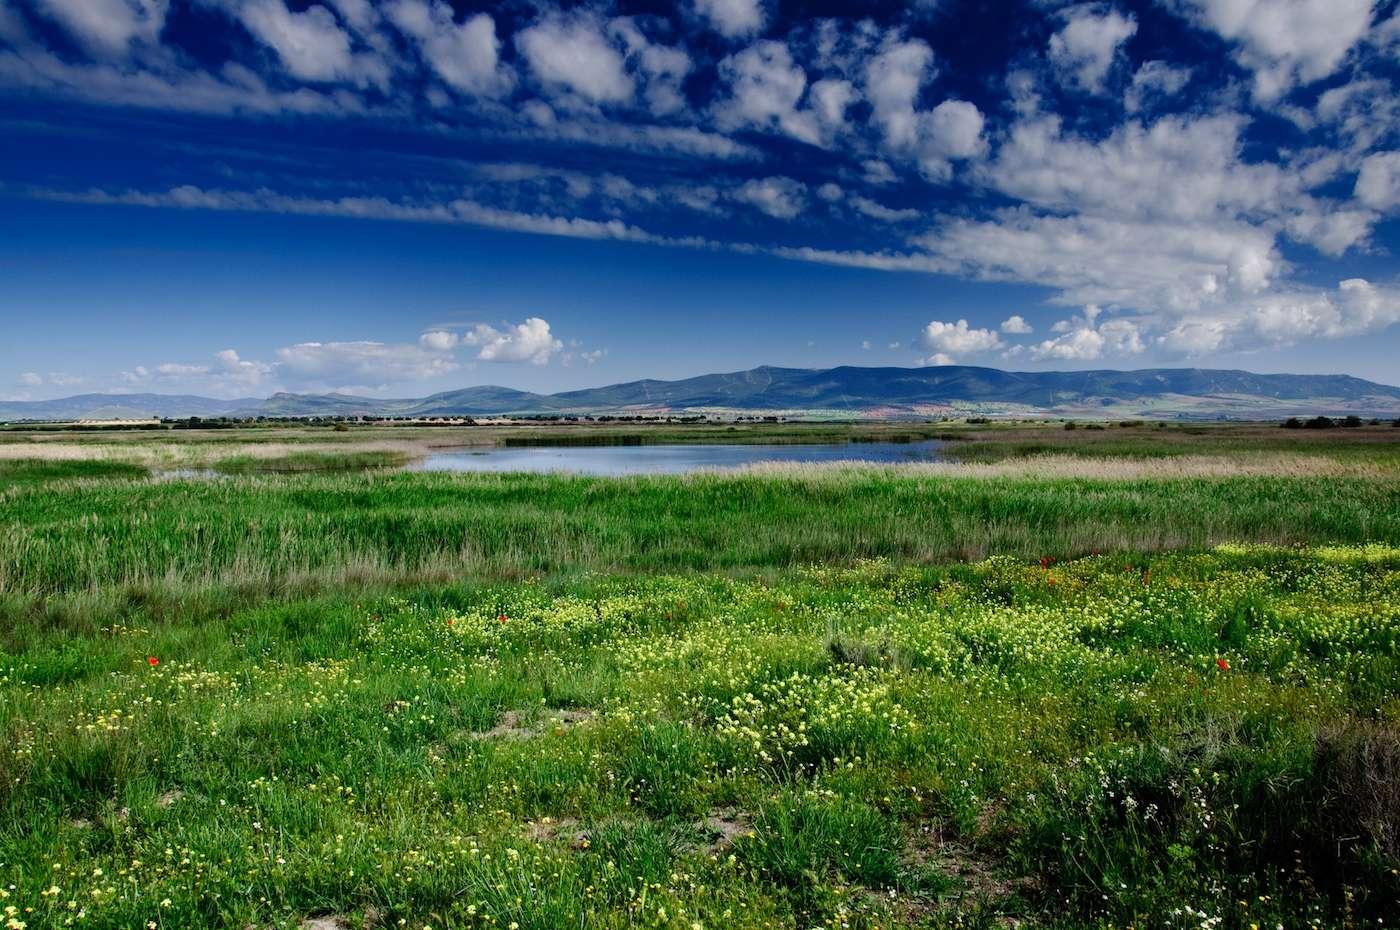 Les prairies à haute biodiversité pourraient davantage résister aux événements climatiques extrêmes. Ici, une prairie dans le Parc national des Tablas de Daimiel, en Espagne. © yannboix, Flickr, CC by 2.0